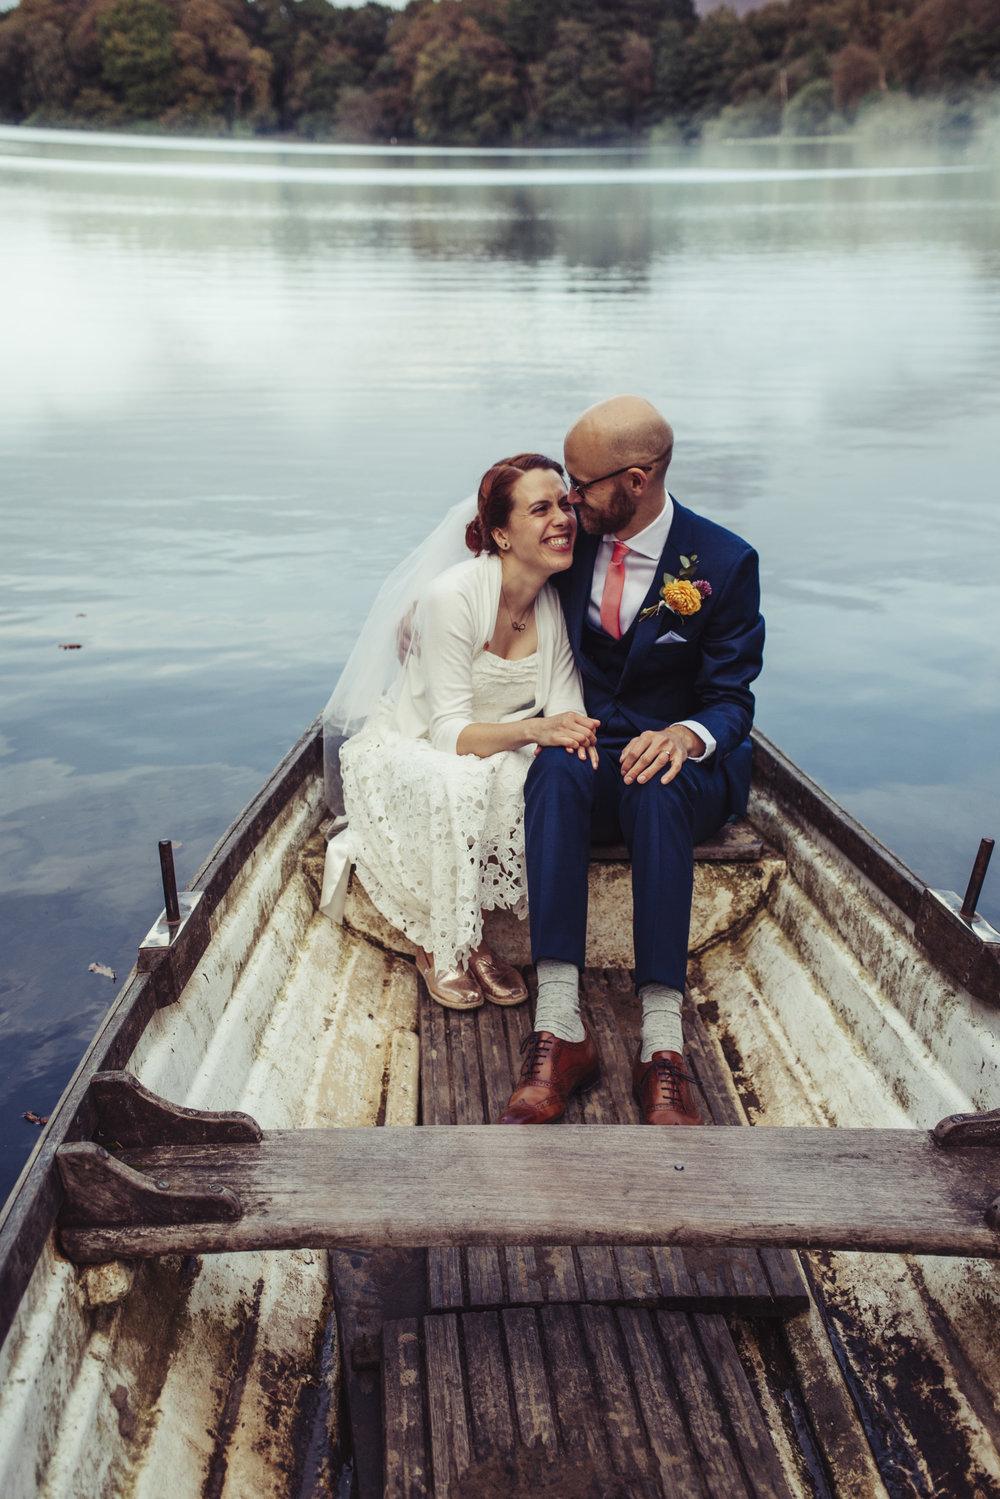 Wryesdale Park, Scorton Lancashire Wedding Photography - Claire Basiuk - 79.jpg